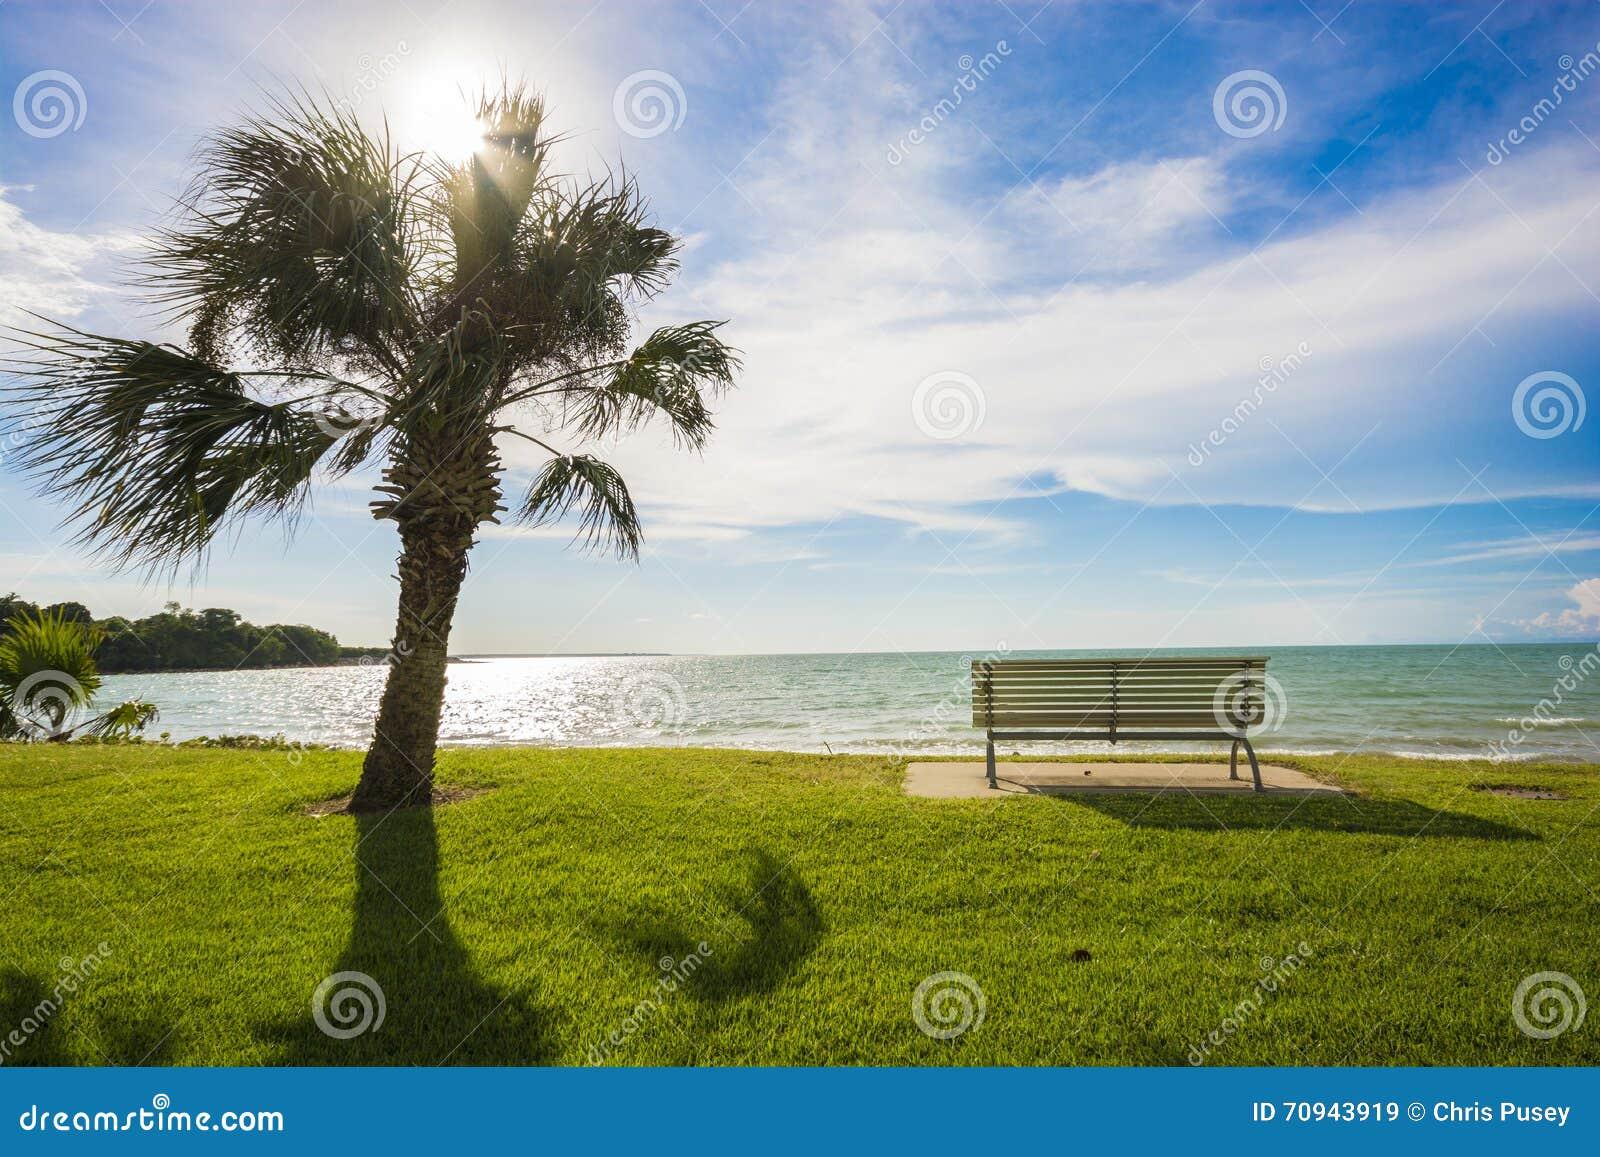 4d7992d20 Olhando Para Fora Ao Mar - Darwin, Austrália Imagem de Stock ...